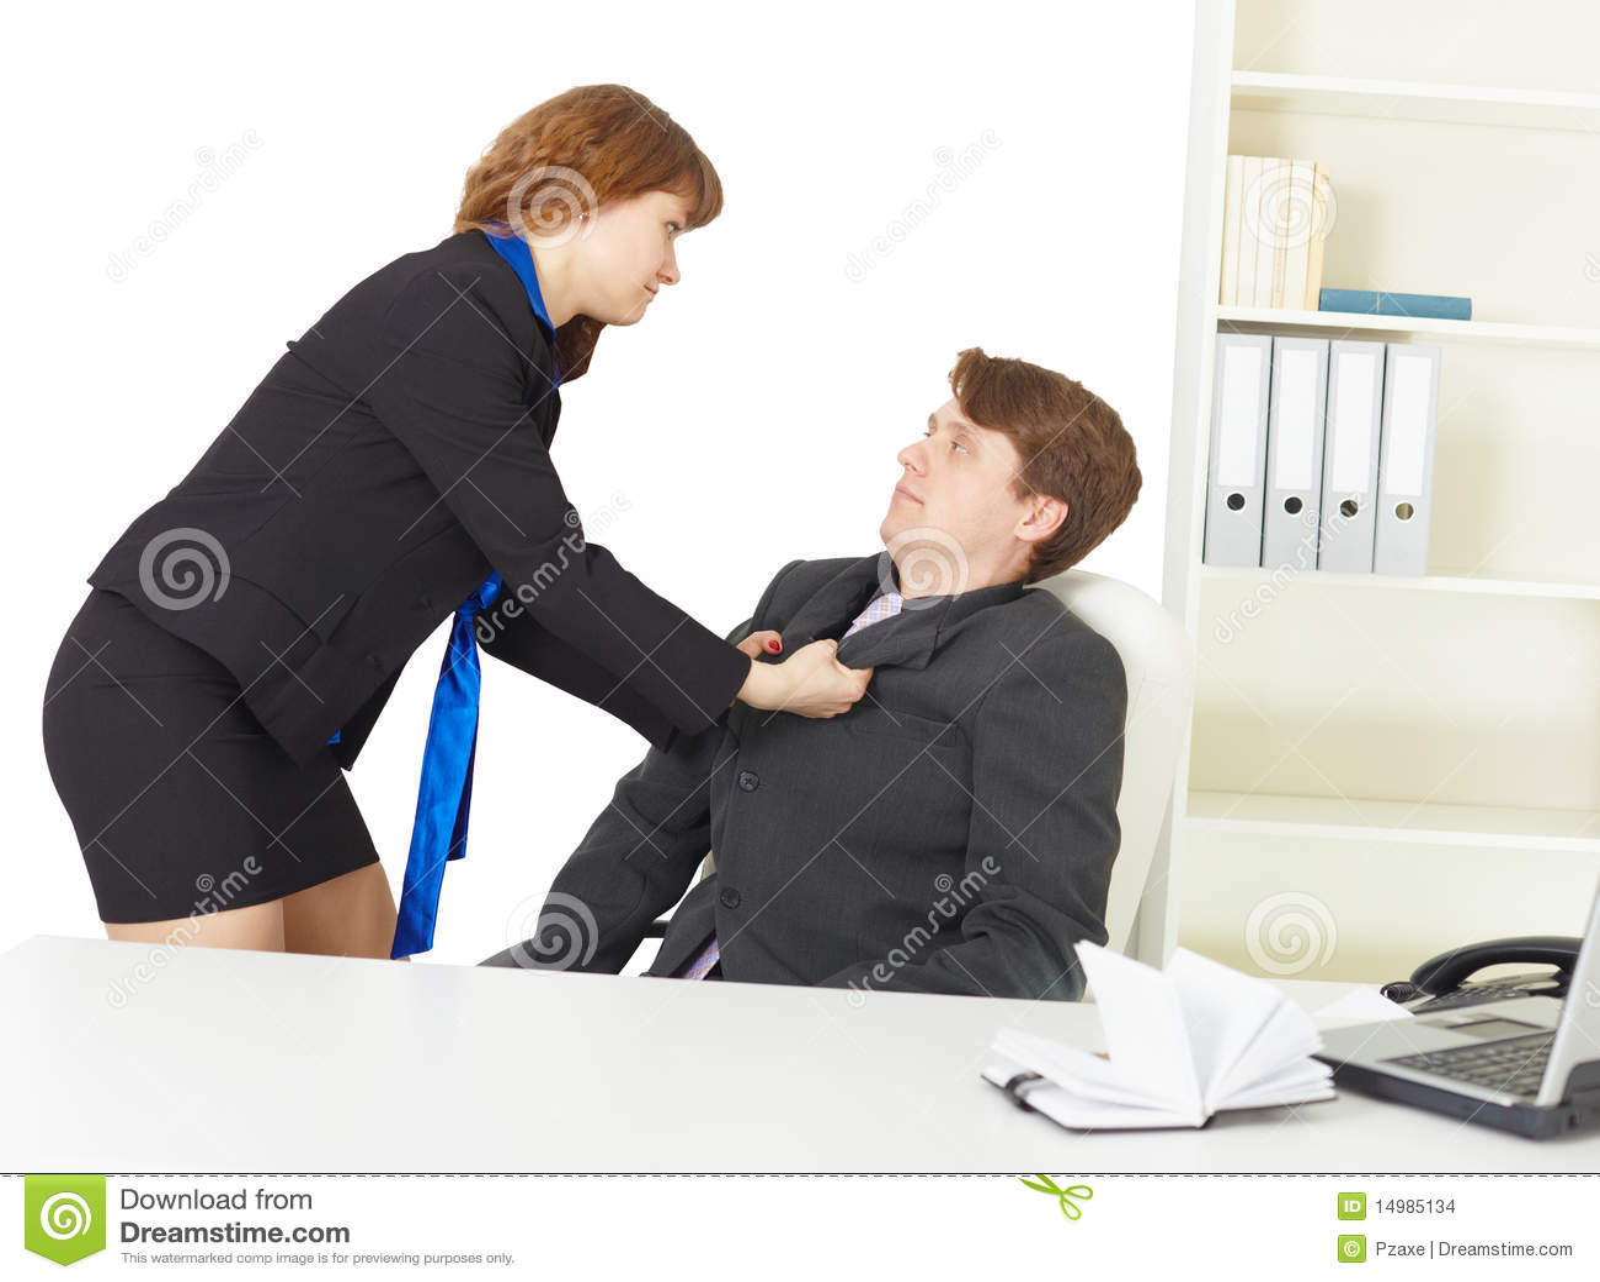 Pelea de hombres en la oficina imagenes de archivo for Xxx porno en la oficina